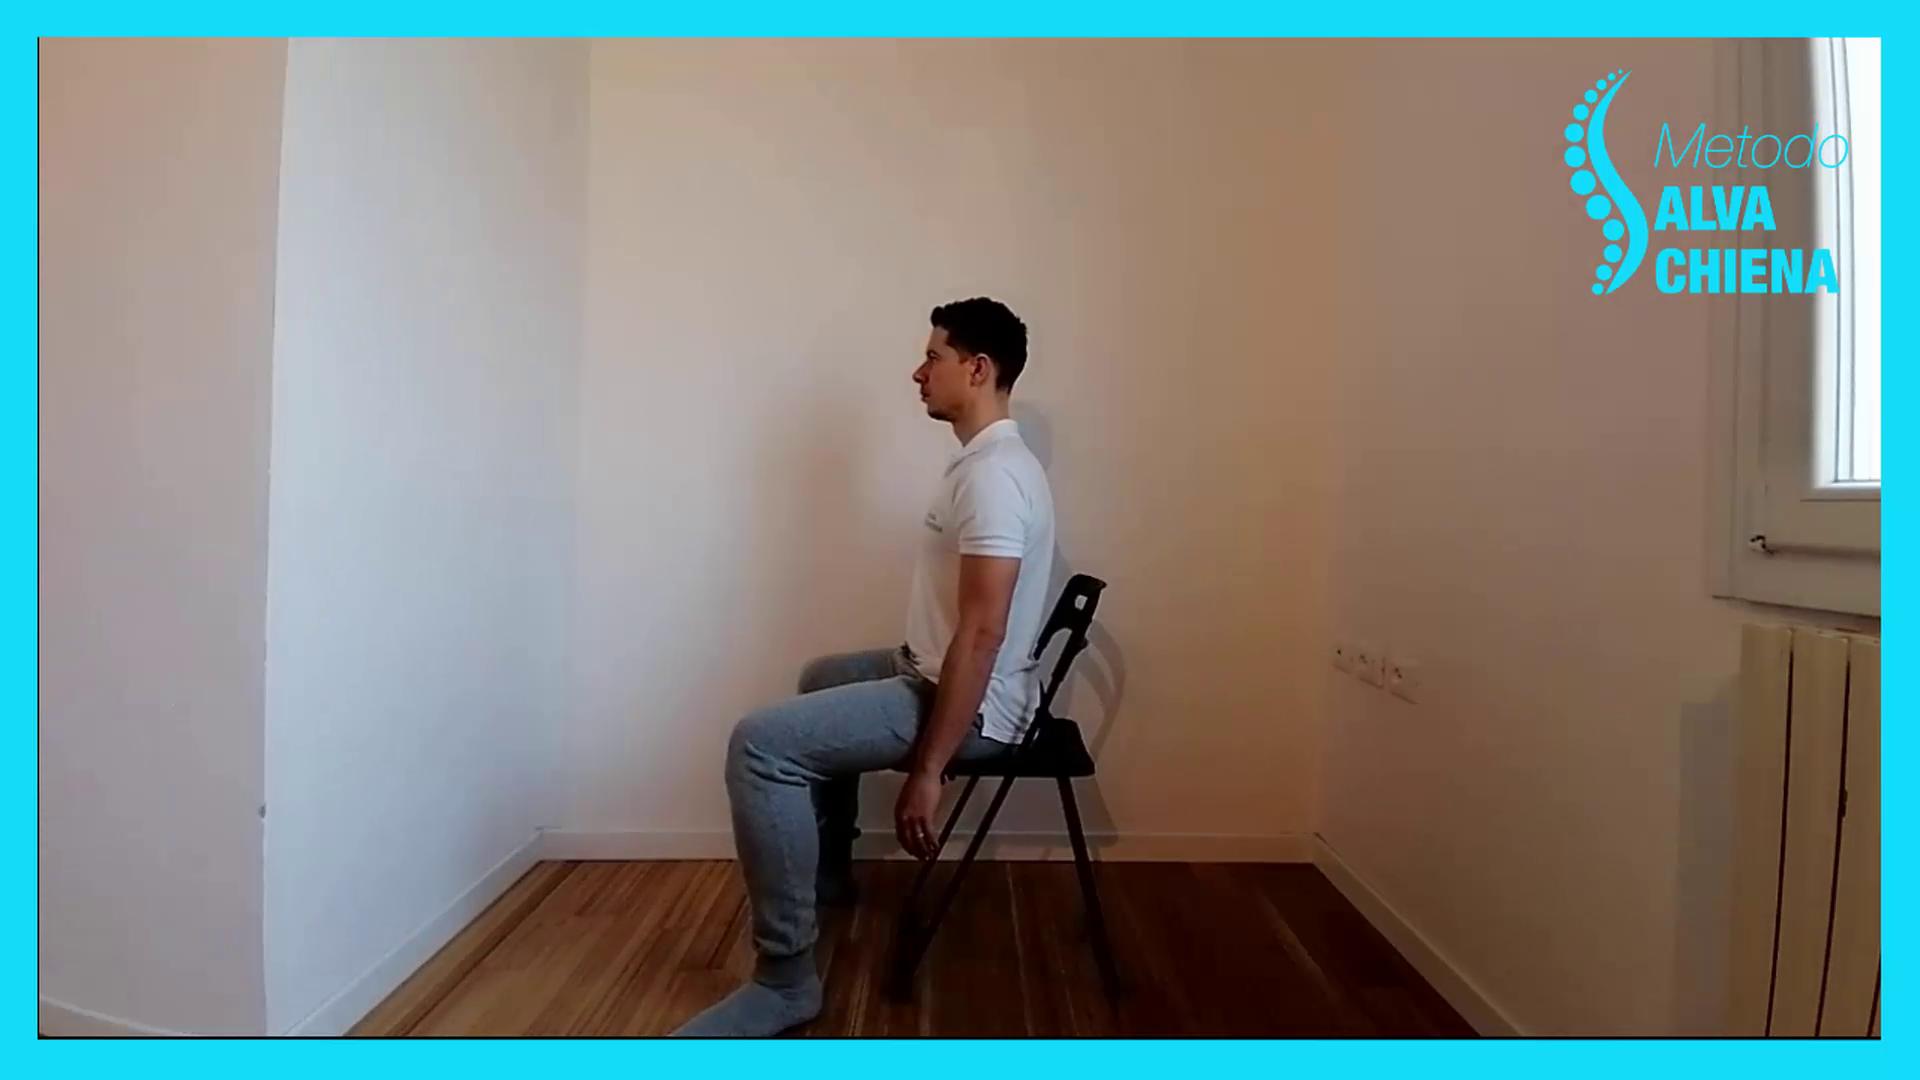 posizione corretta seduto